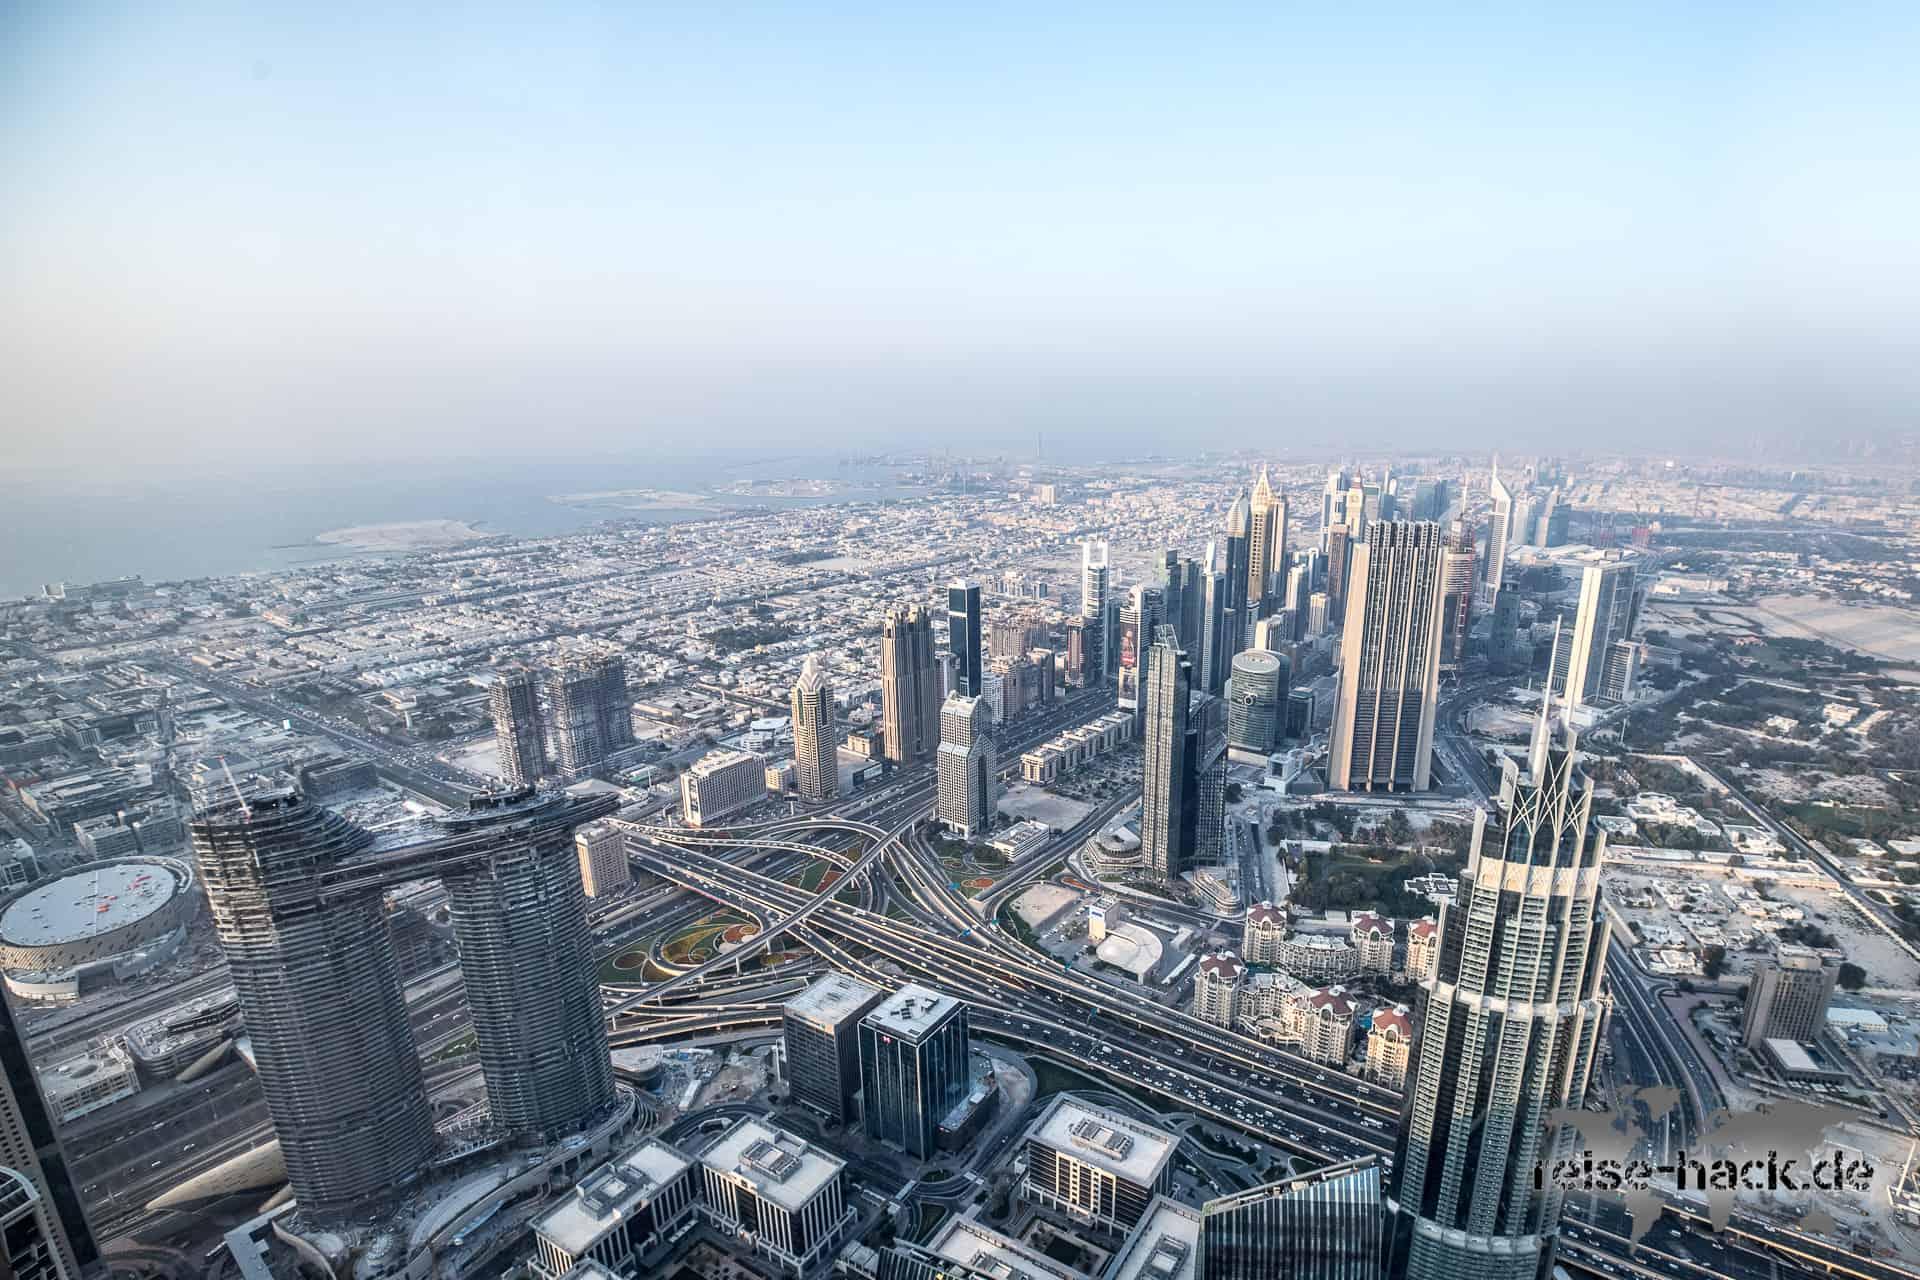 2018-12-29-Dubai-00561